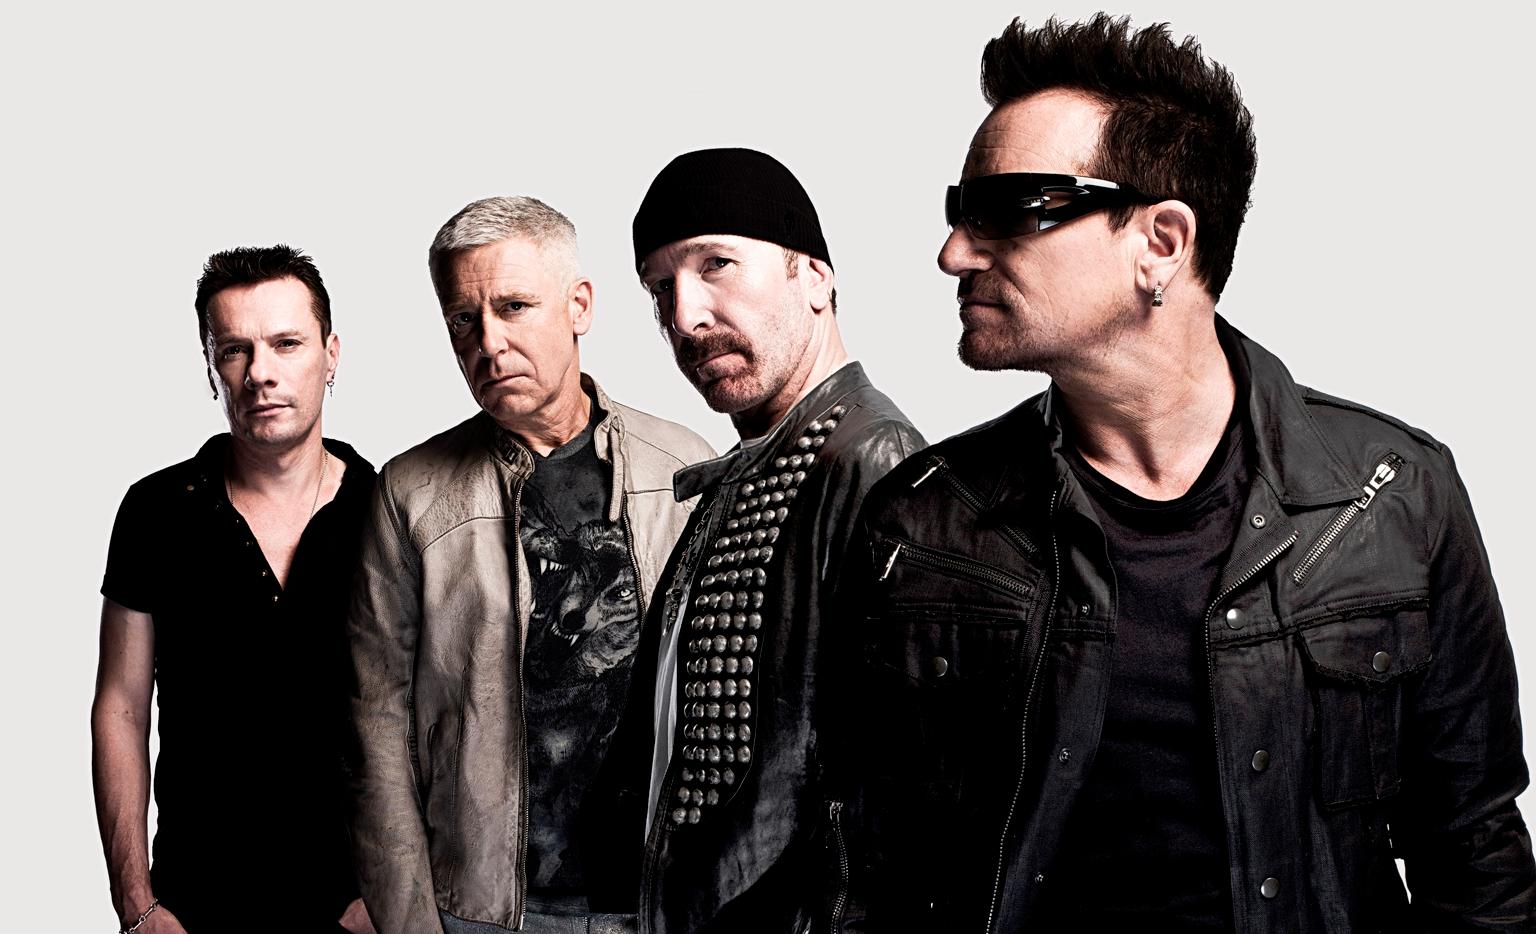 U2 relanza su canal de Youtube con material inédito y estrenos